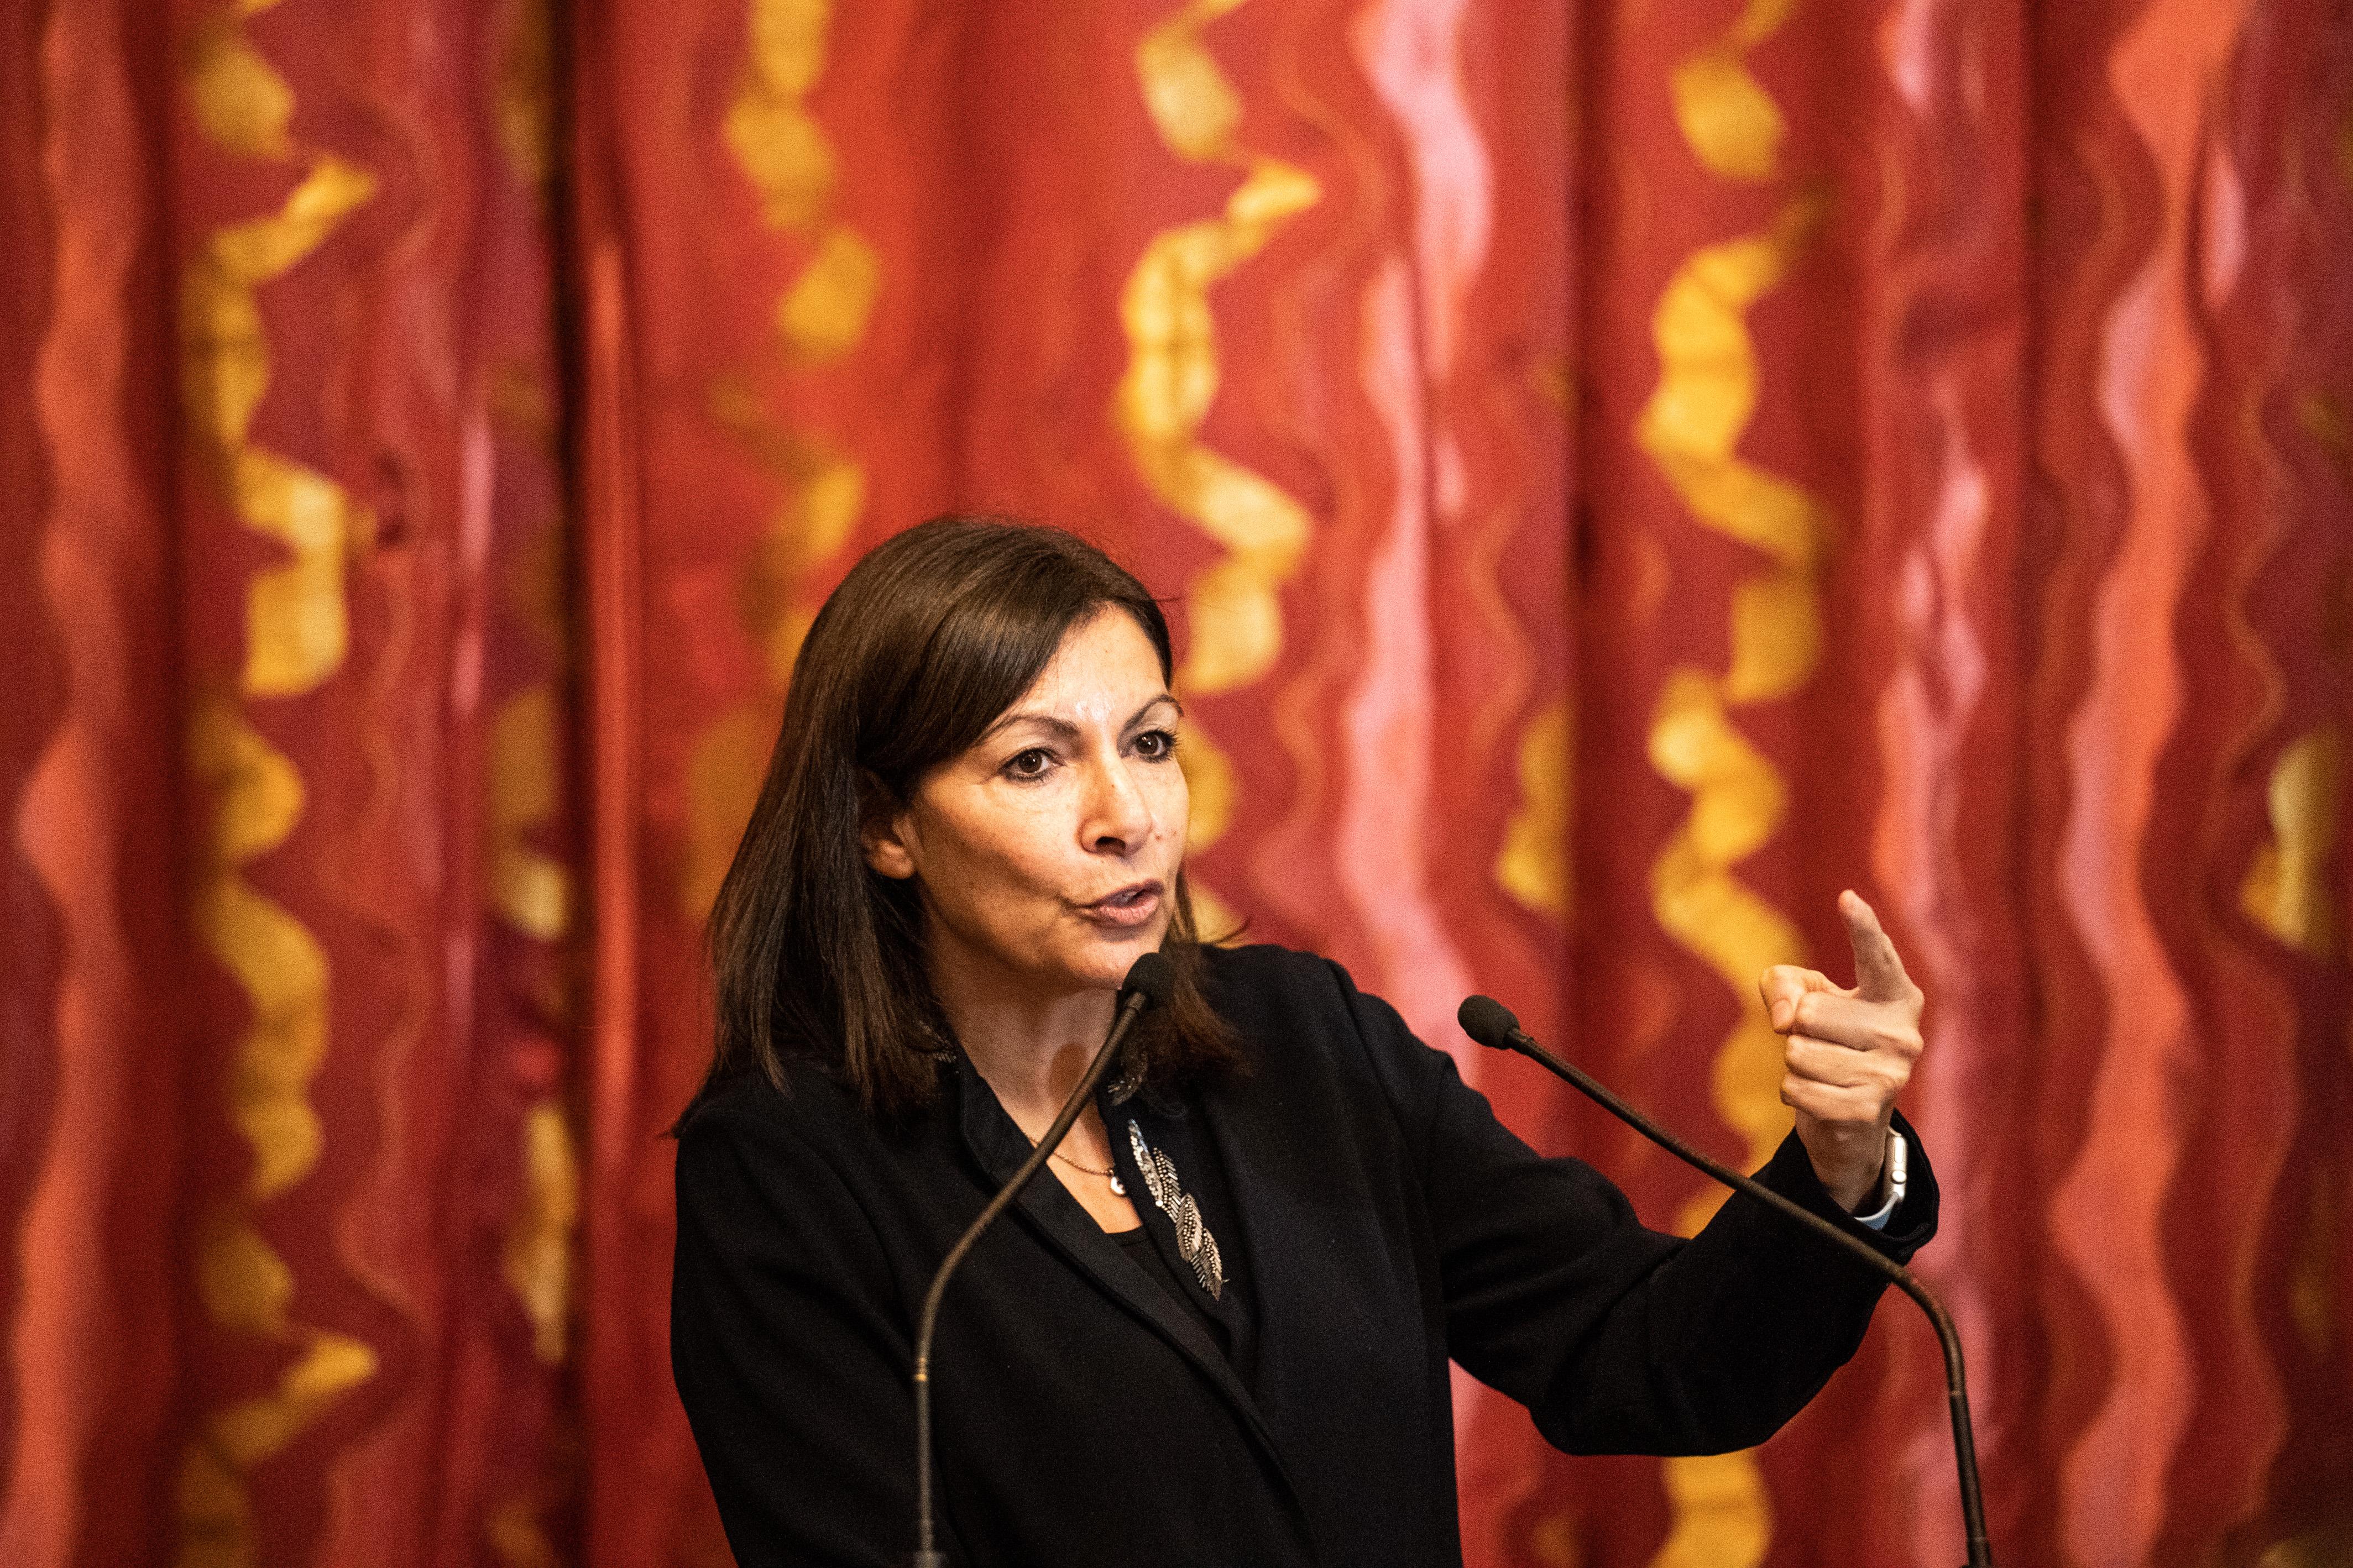 Megbüntették a párizsi önkormányzatot, mert túl sok nő van a vezetésben